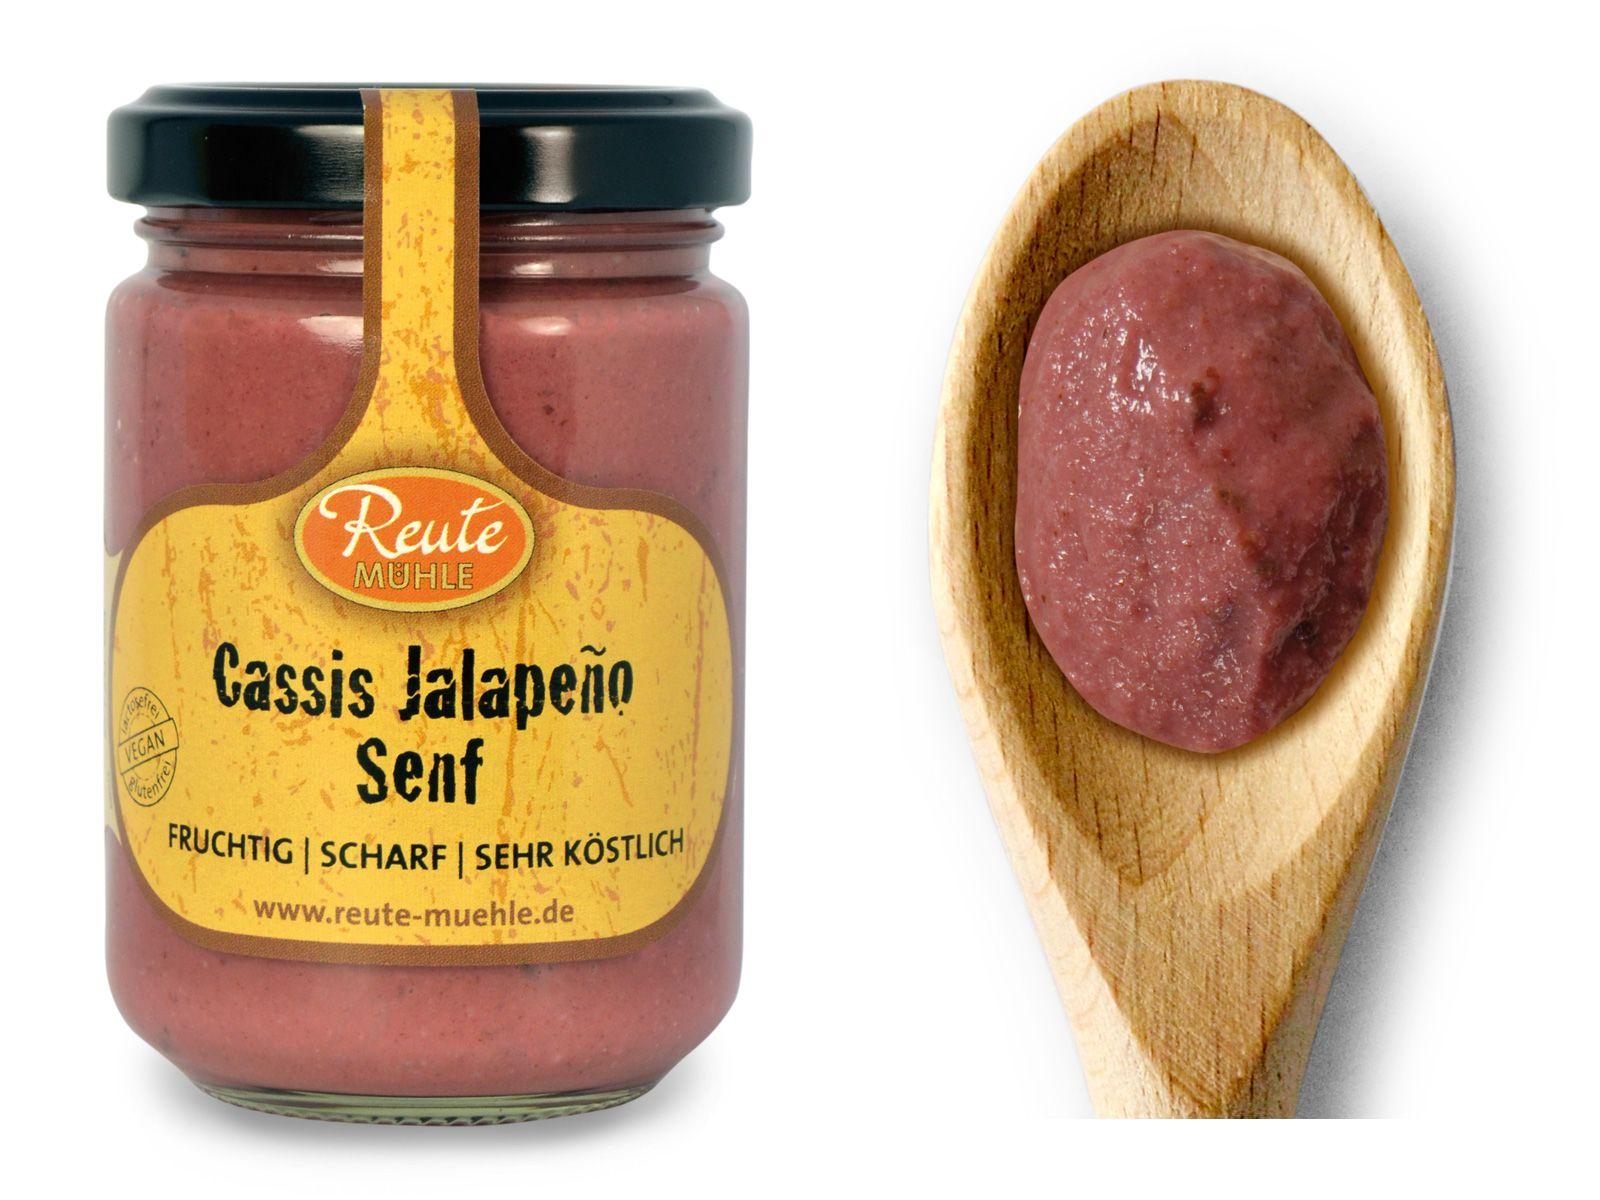 Cassis Jalapeno Senf - fruchtig   scharf   sehr köstlich. Fruchtige Johannisbeeren in harmonischer Liaison mit angenehm scharfen Jalapenos und unserem Senf aus der Manufaktur Reute Mühle. Ein toller Begleiter zu kräftigen Fleischgerichten und als Brotaufstrich. Köstlich zu gebackenem Camenbert.